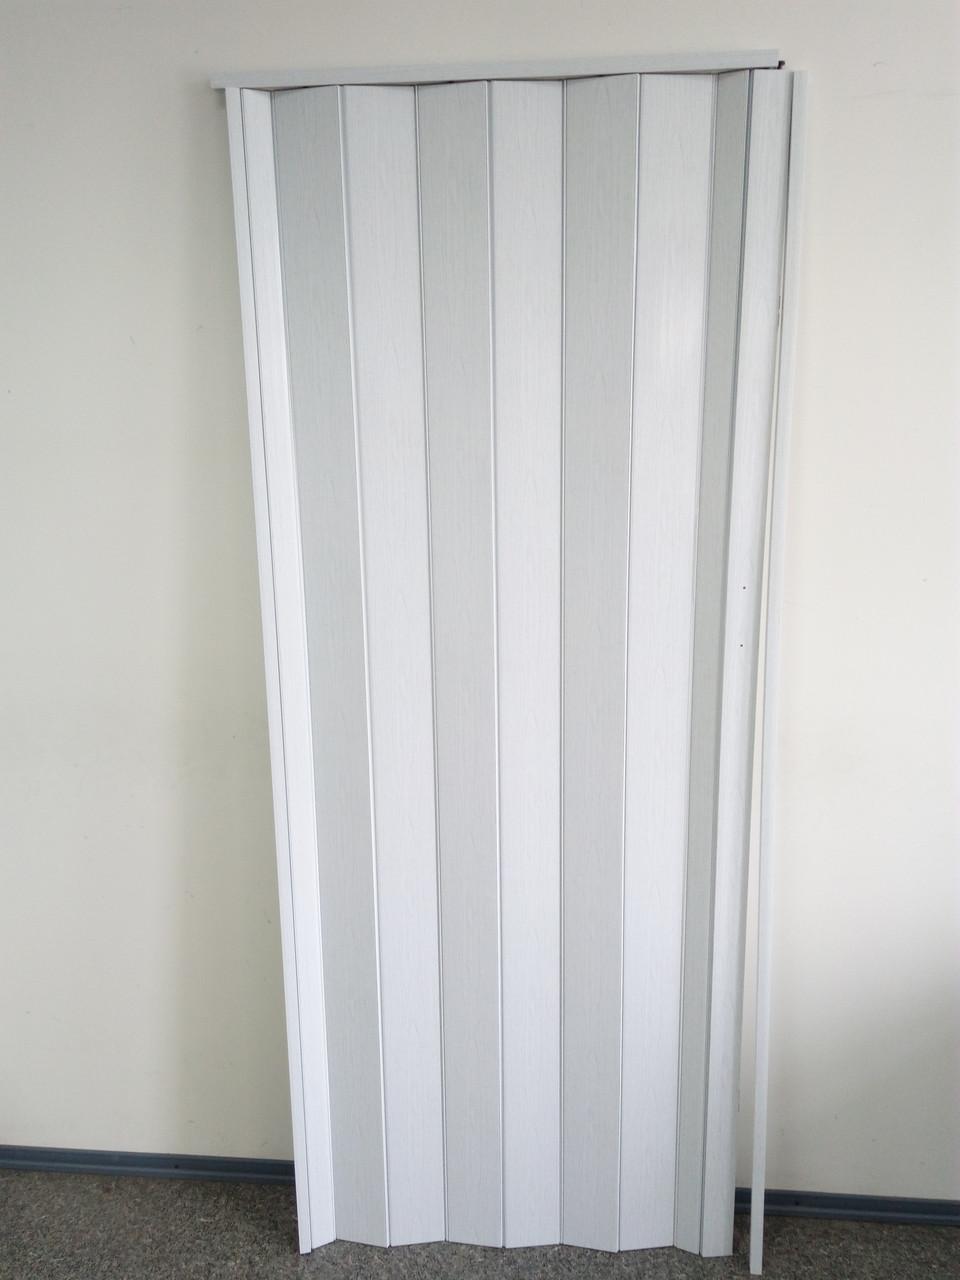 Дверь ЭЛИТ складная гармошка, 610 белый ясень, 880*2030*10 мм